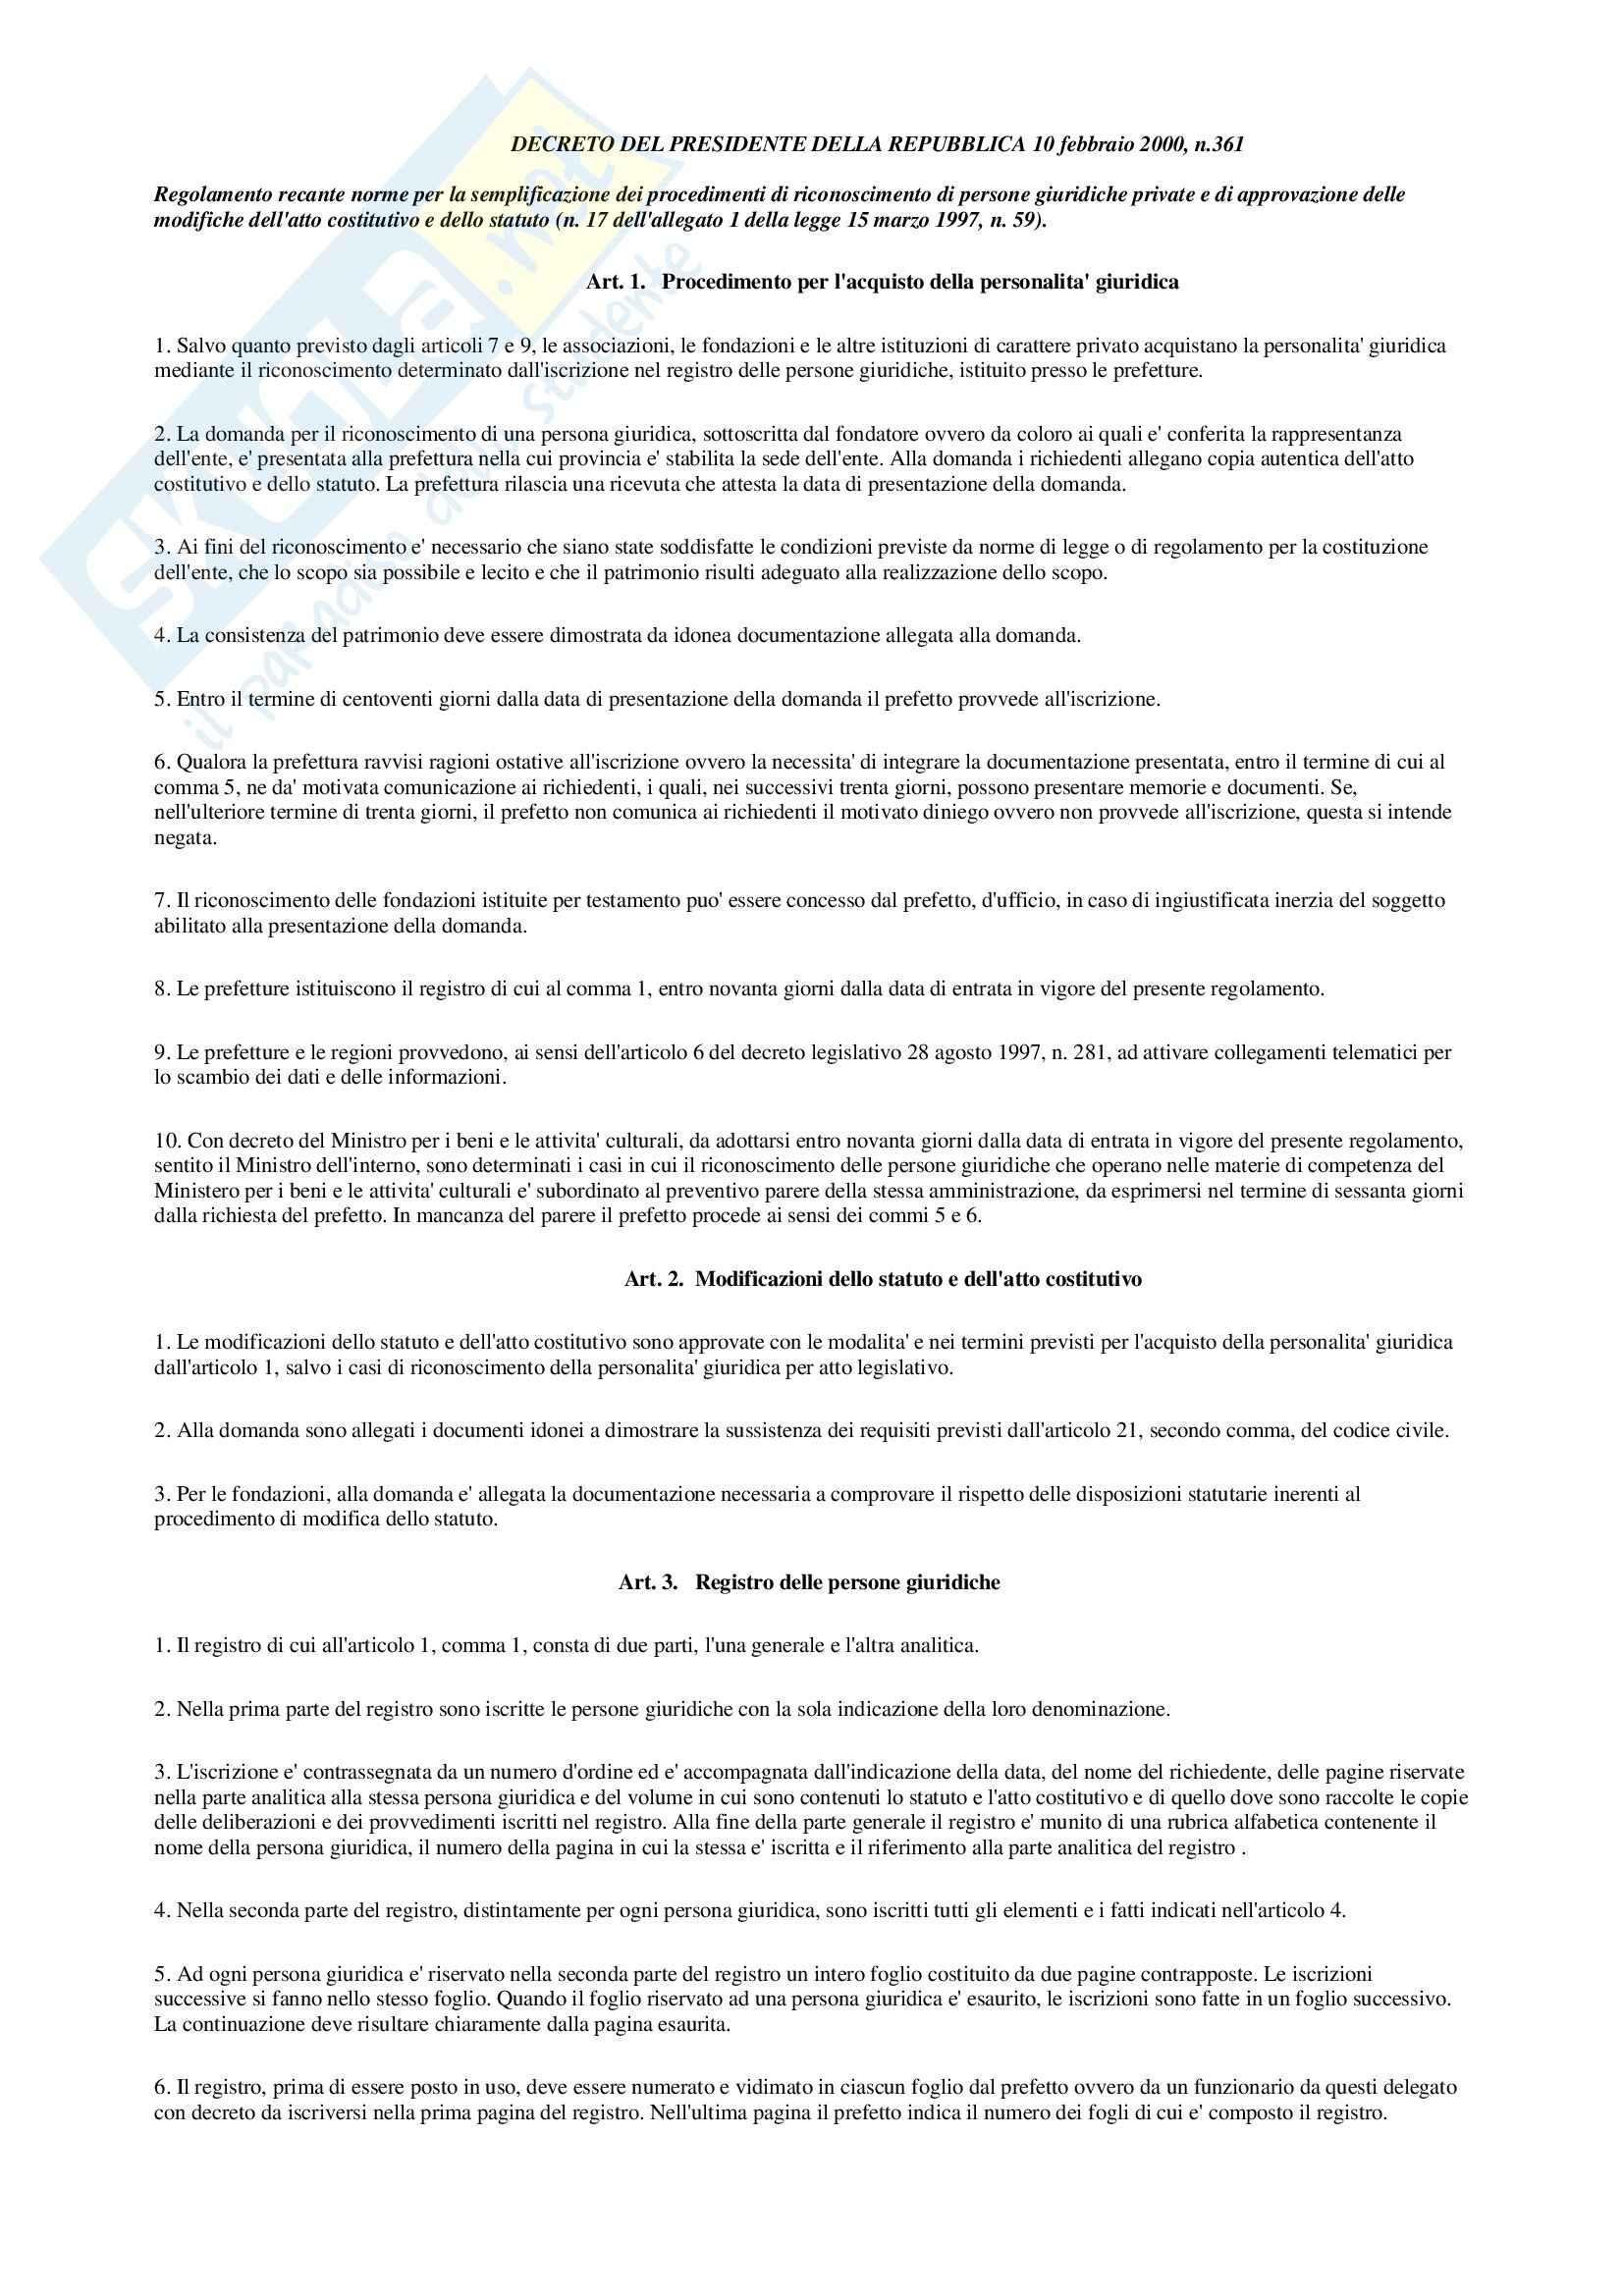 Diritto ecclesiastico - Decreto 10 febbraio 2000, n.361